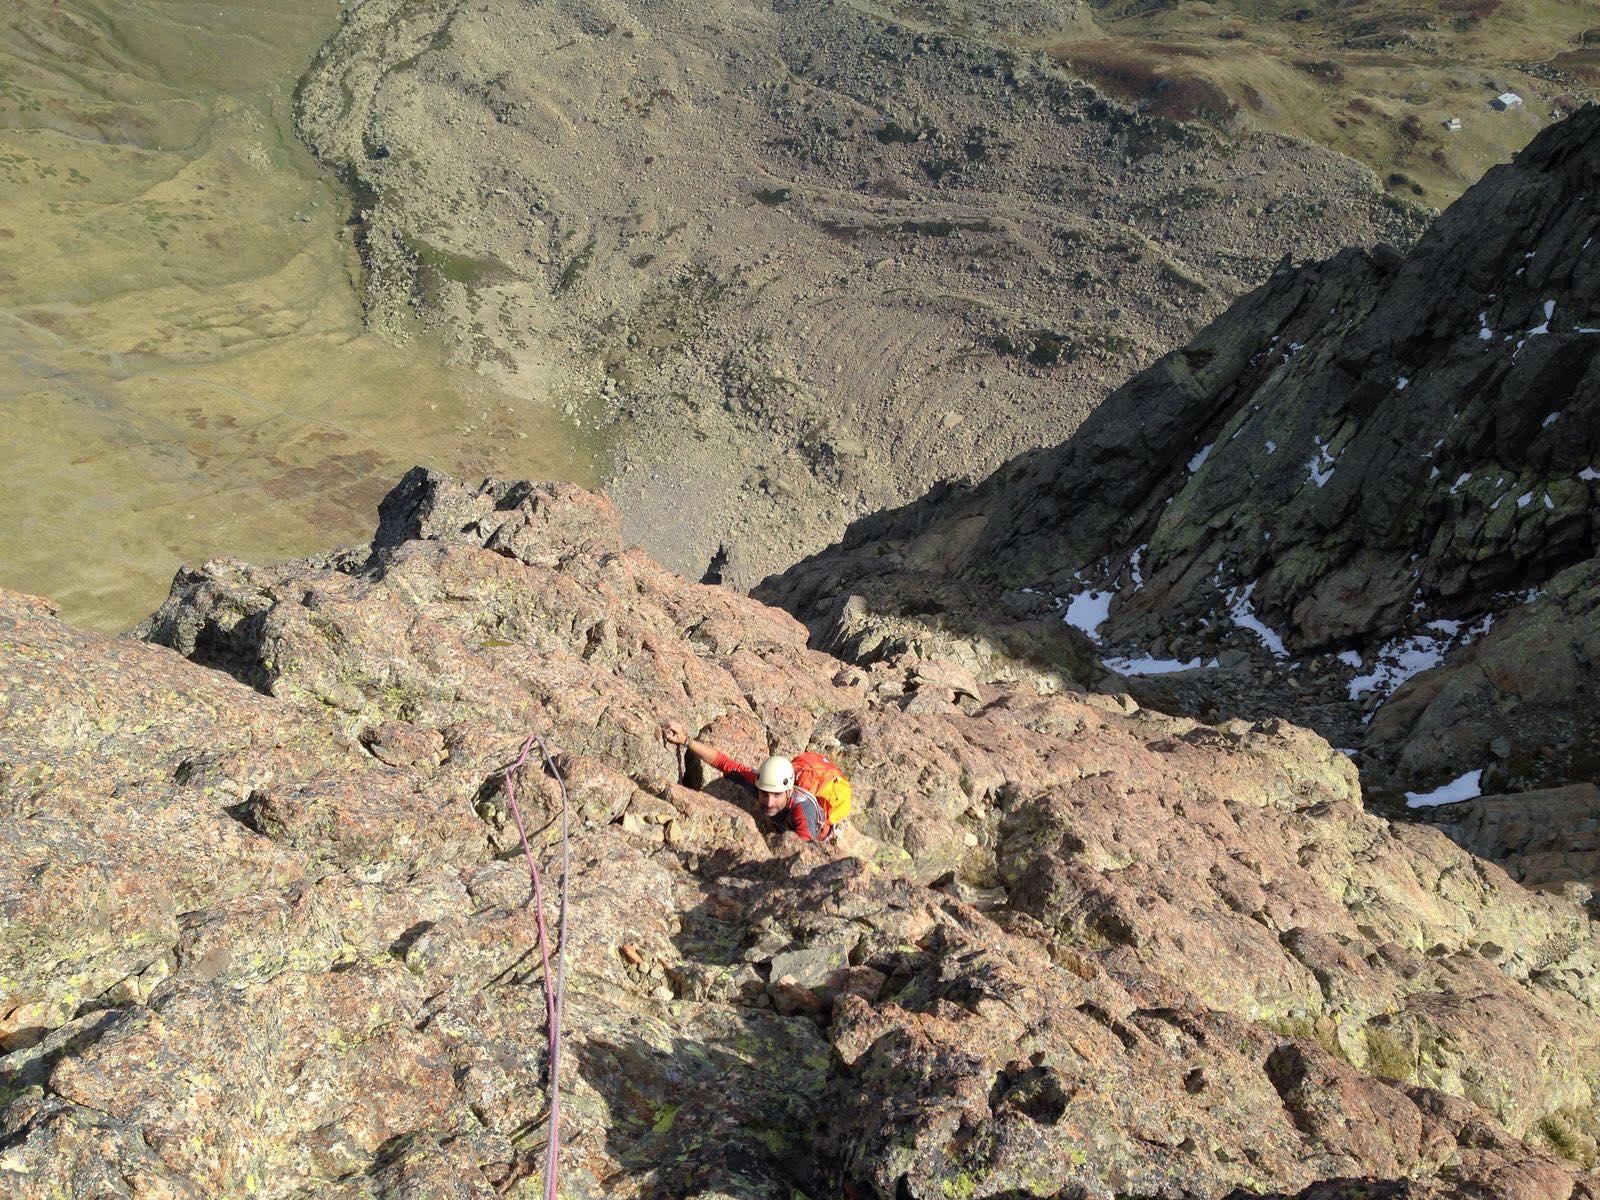 Escalada clásica guiada en torla-ordesa y los pirineos